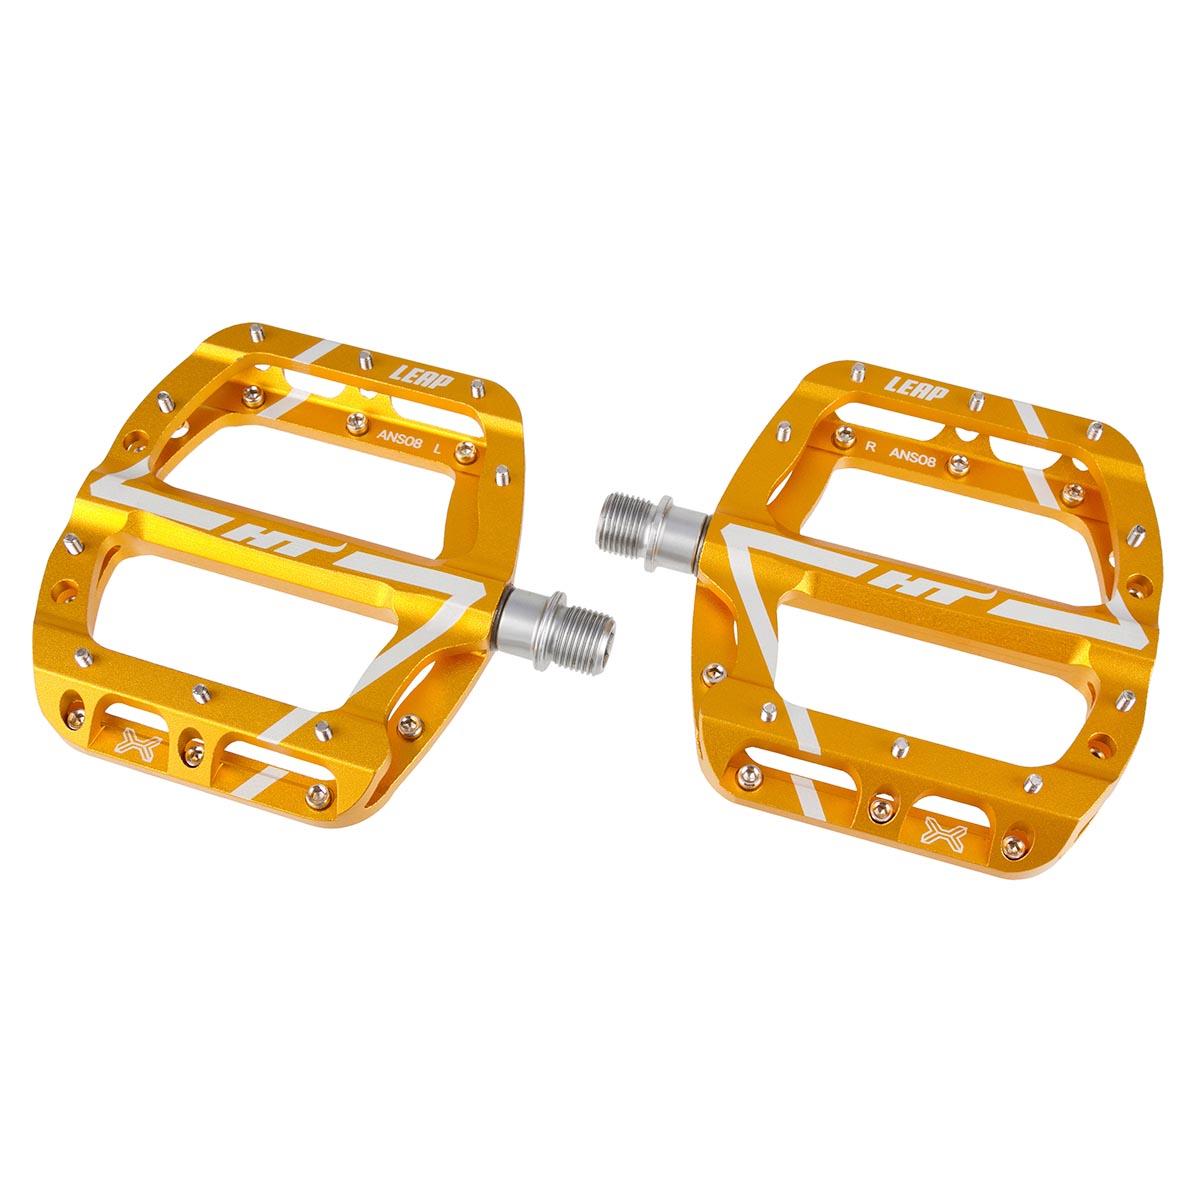 HT Components Pedale ANS08 Leap Gold